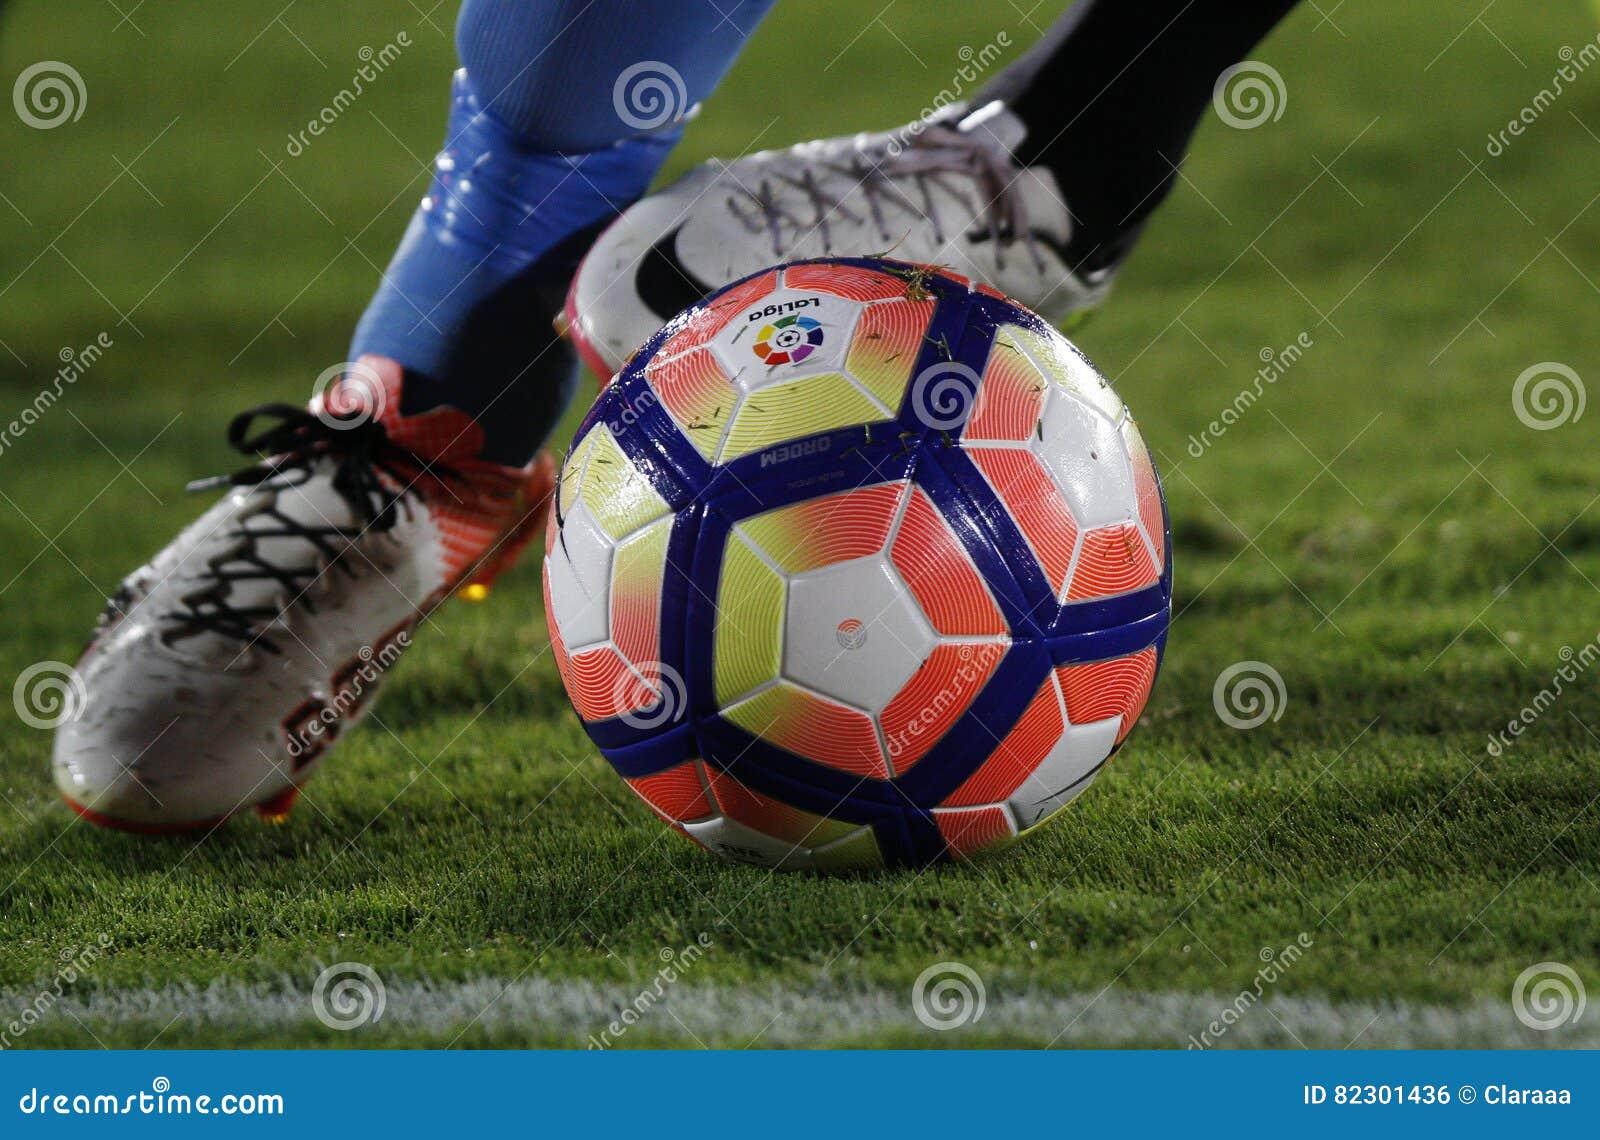 Detalle de los pies de un jugador de fútbol que corre con la bola